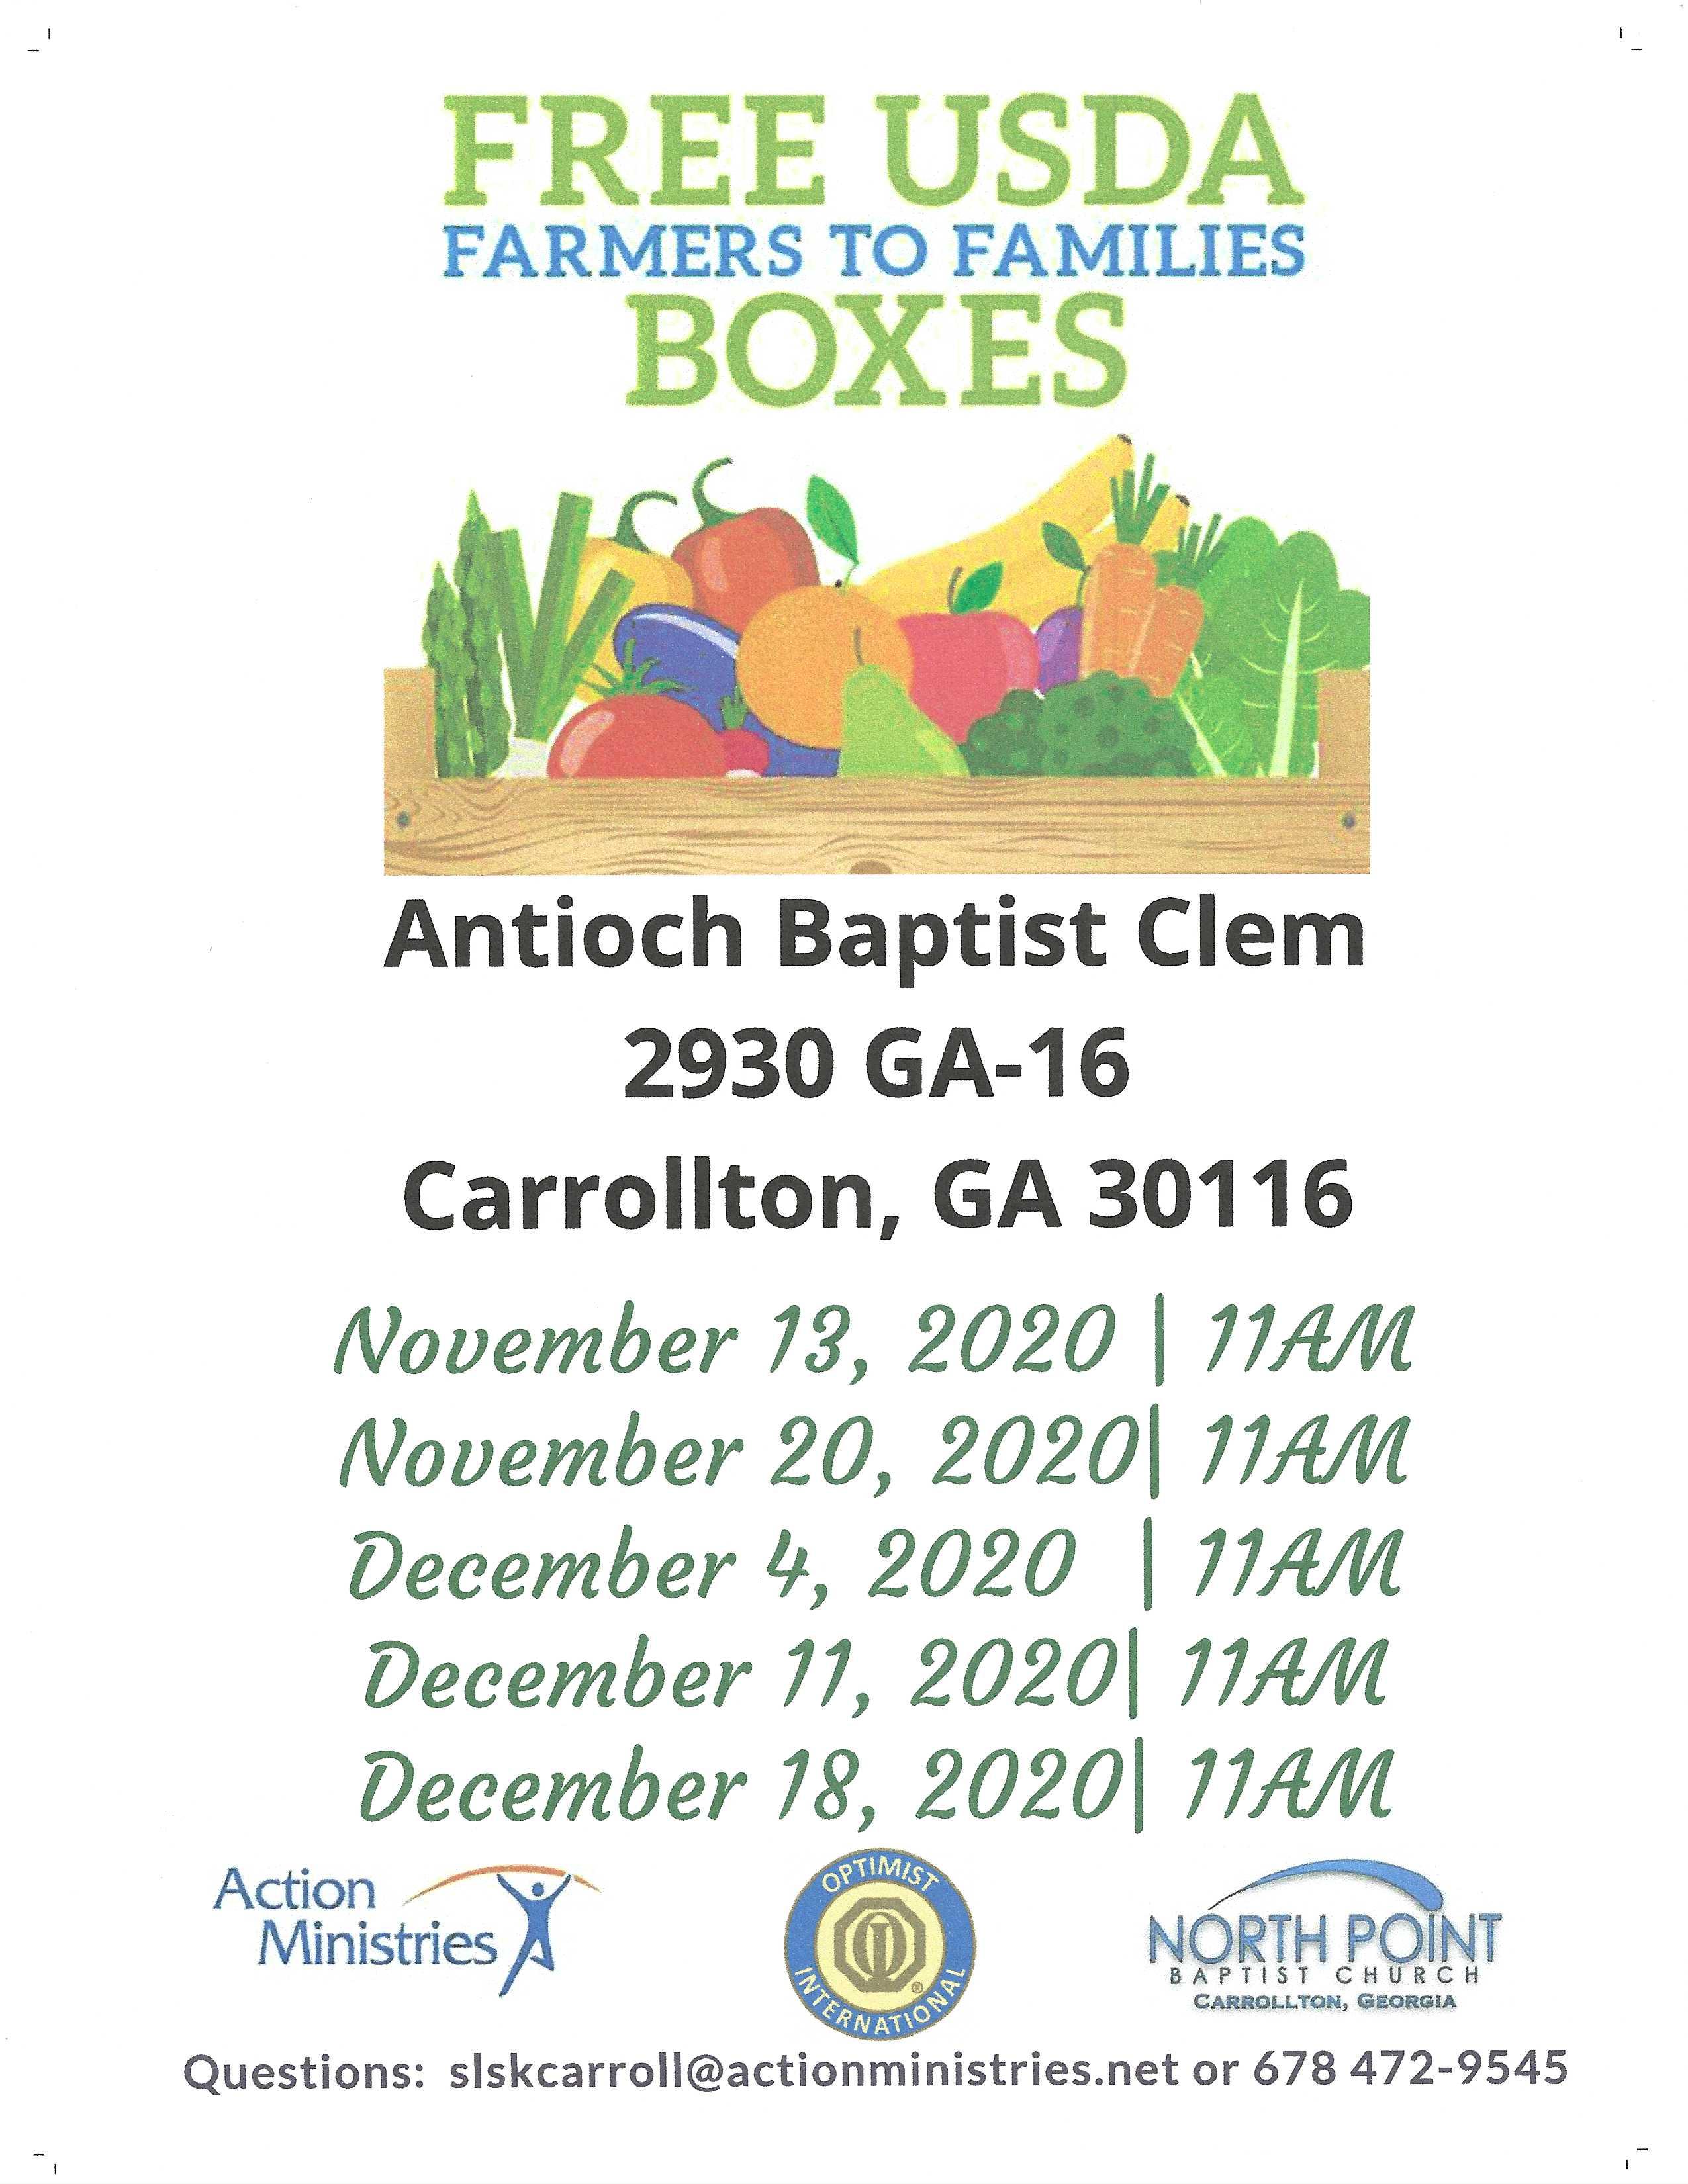 Free USDA Boxes